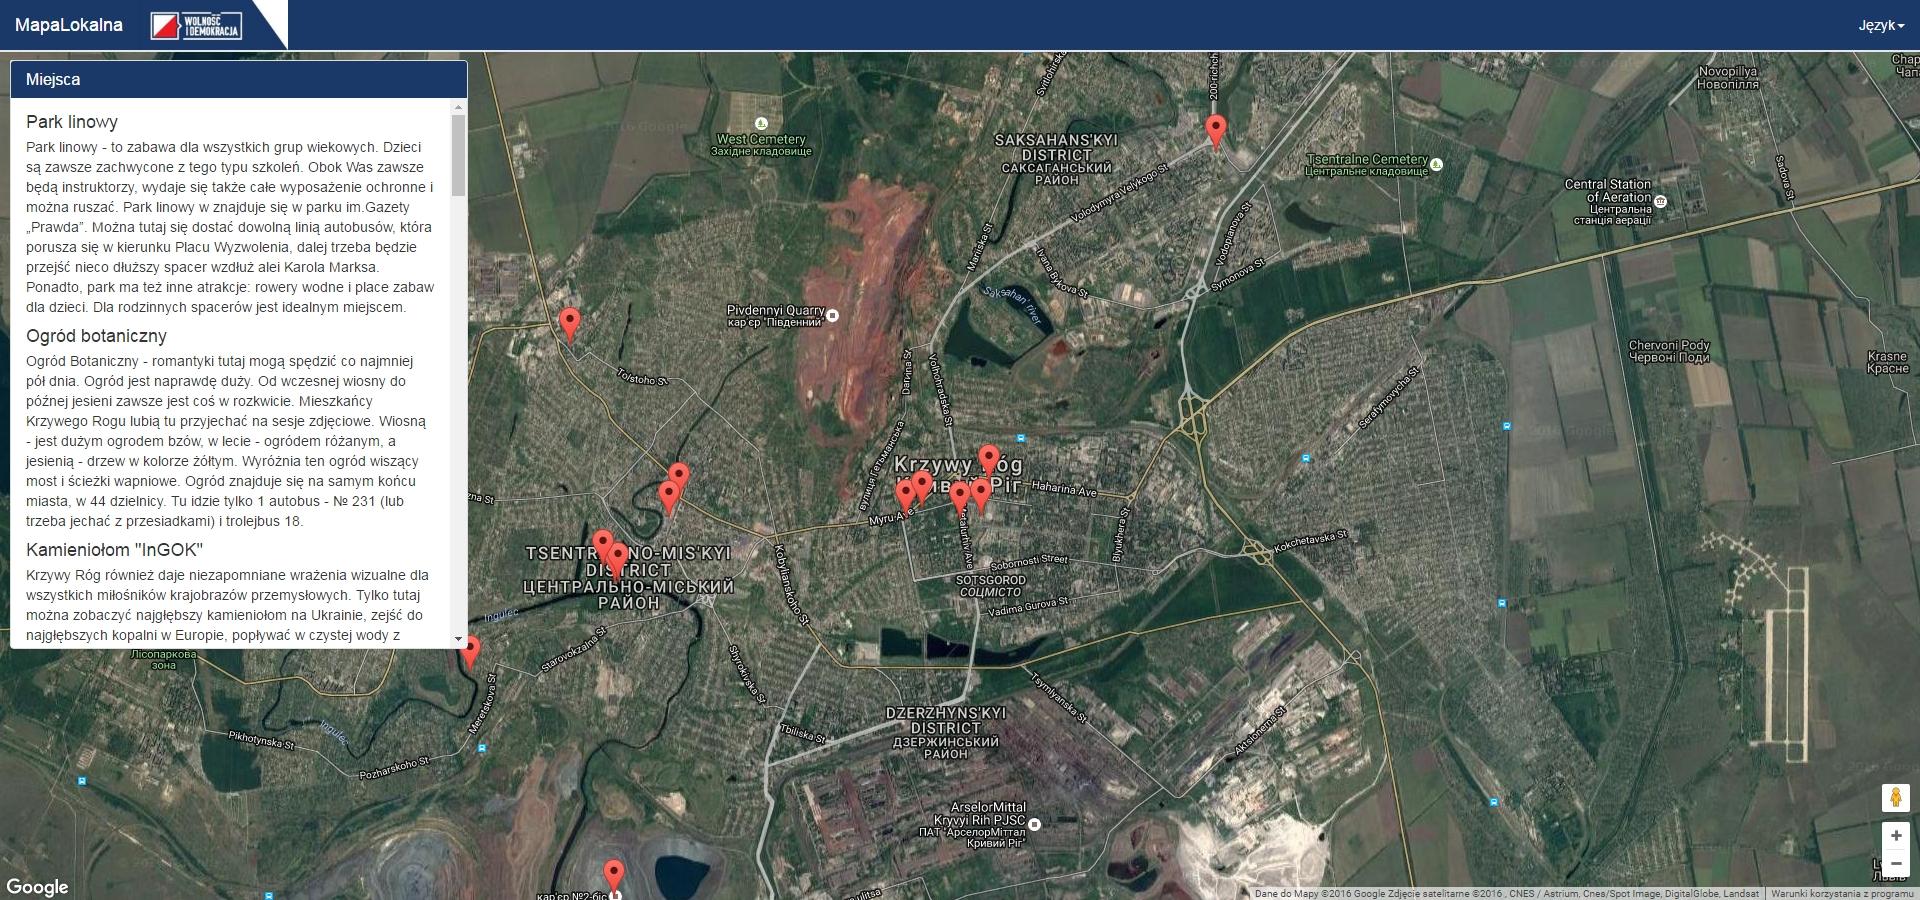 Mapa lokalna Krzywego Rogu, czyli młodzi liderzy w akcji